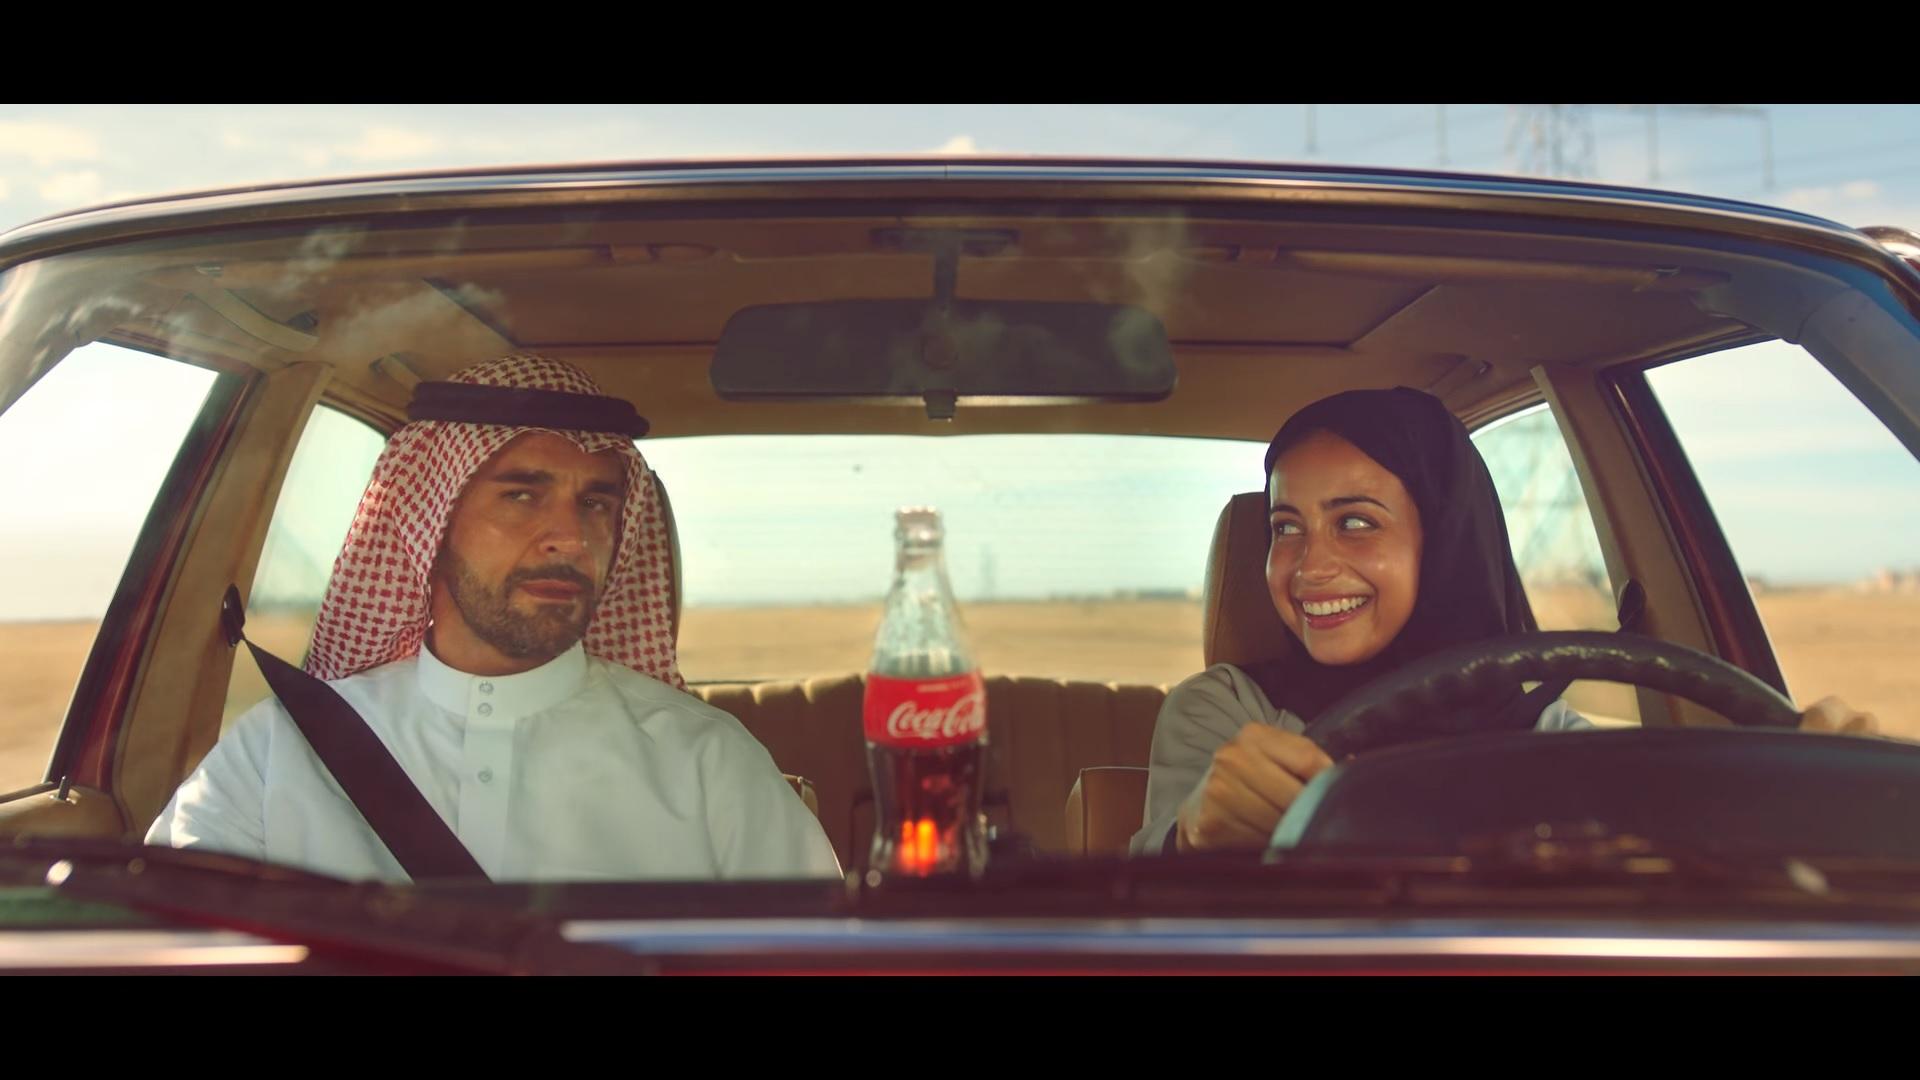 La nouvelle publicité Coca-Cola en Arabie saoudite fait le buzz